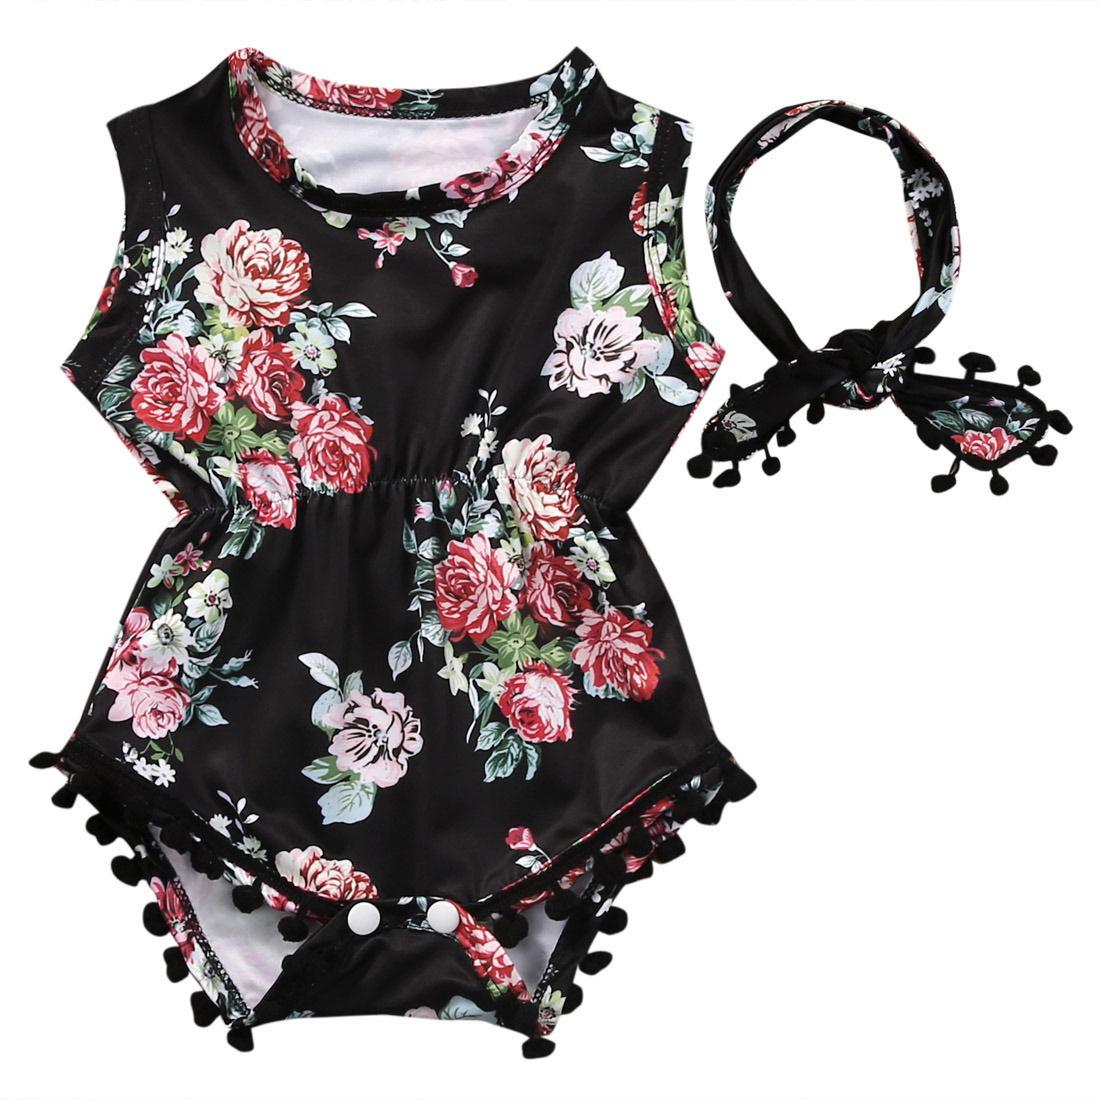 e55d699a2 2017 Summer Romper Hot Sell Styles UK Romper Seller Infant Baby Girl ...